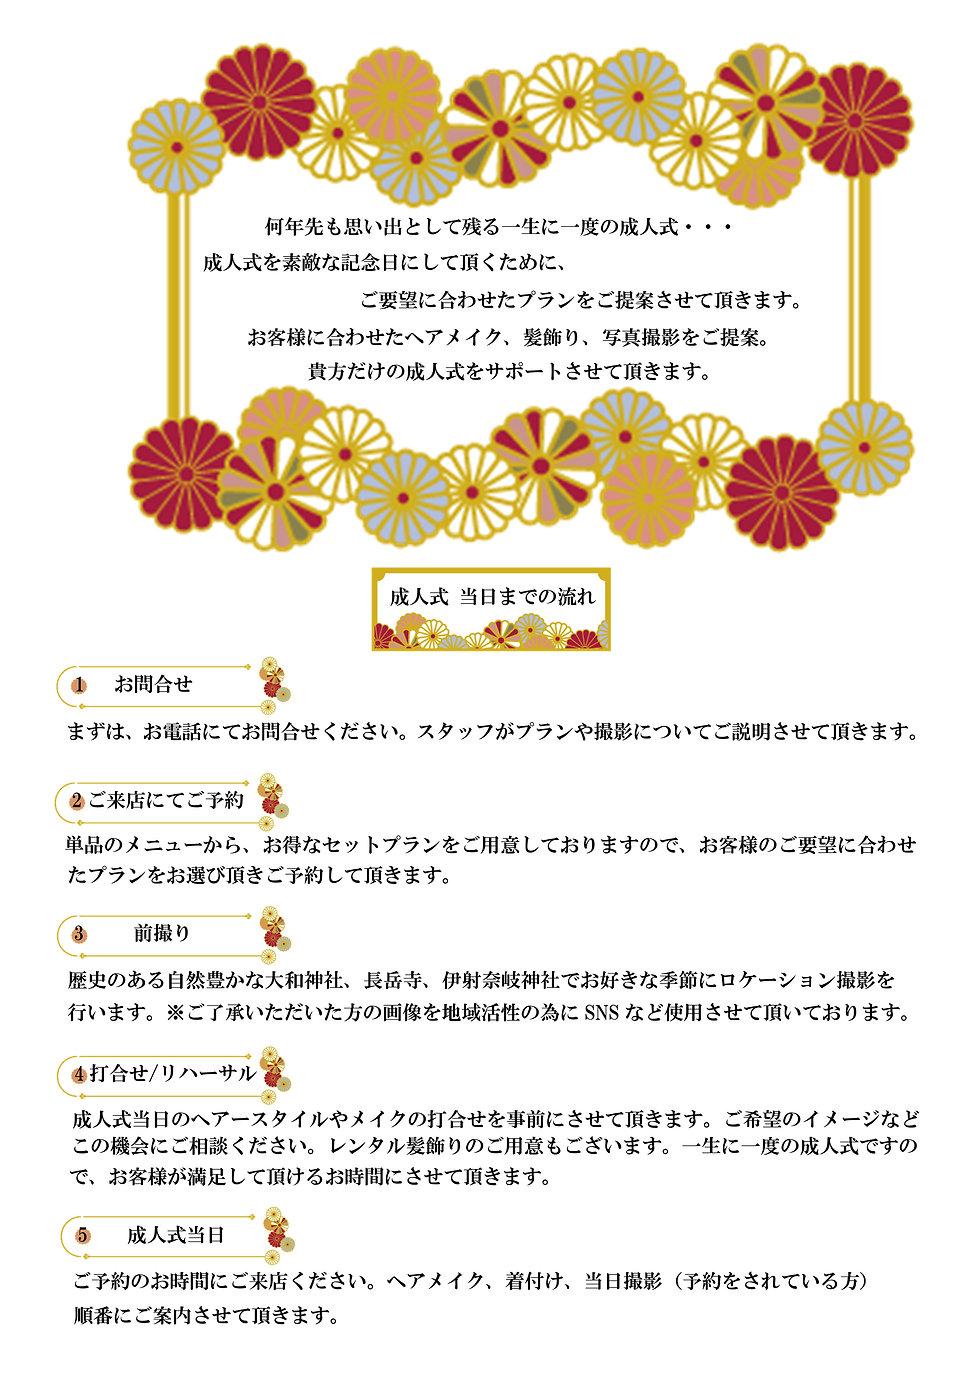 成人式 案内【新】2-001.jpg